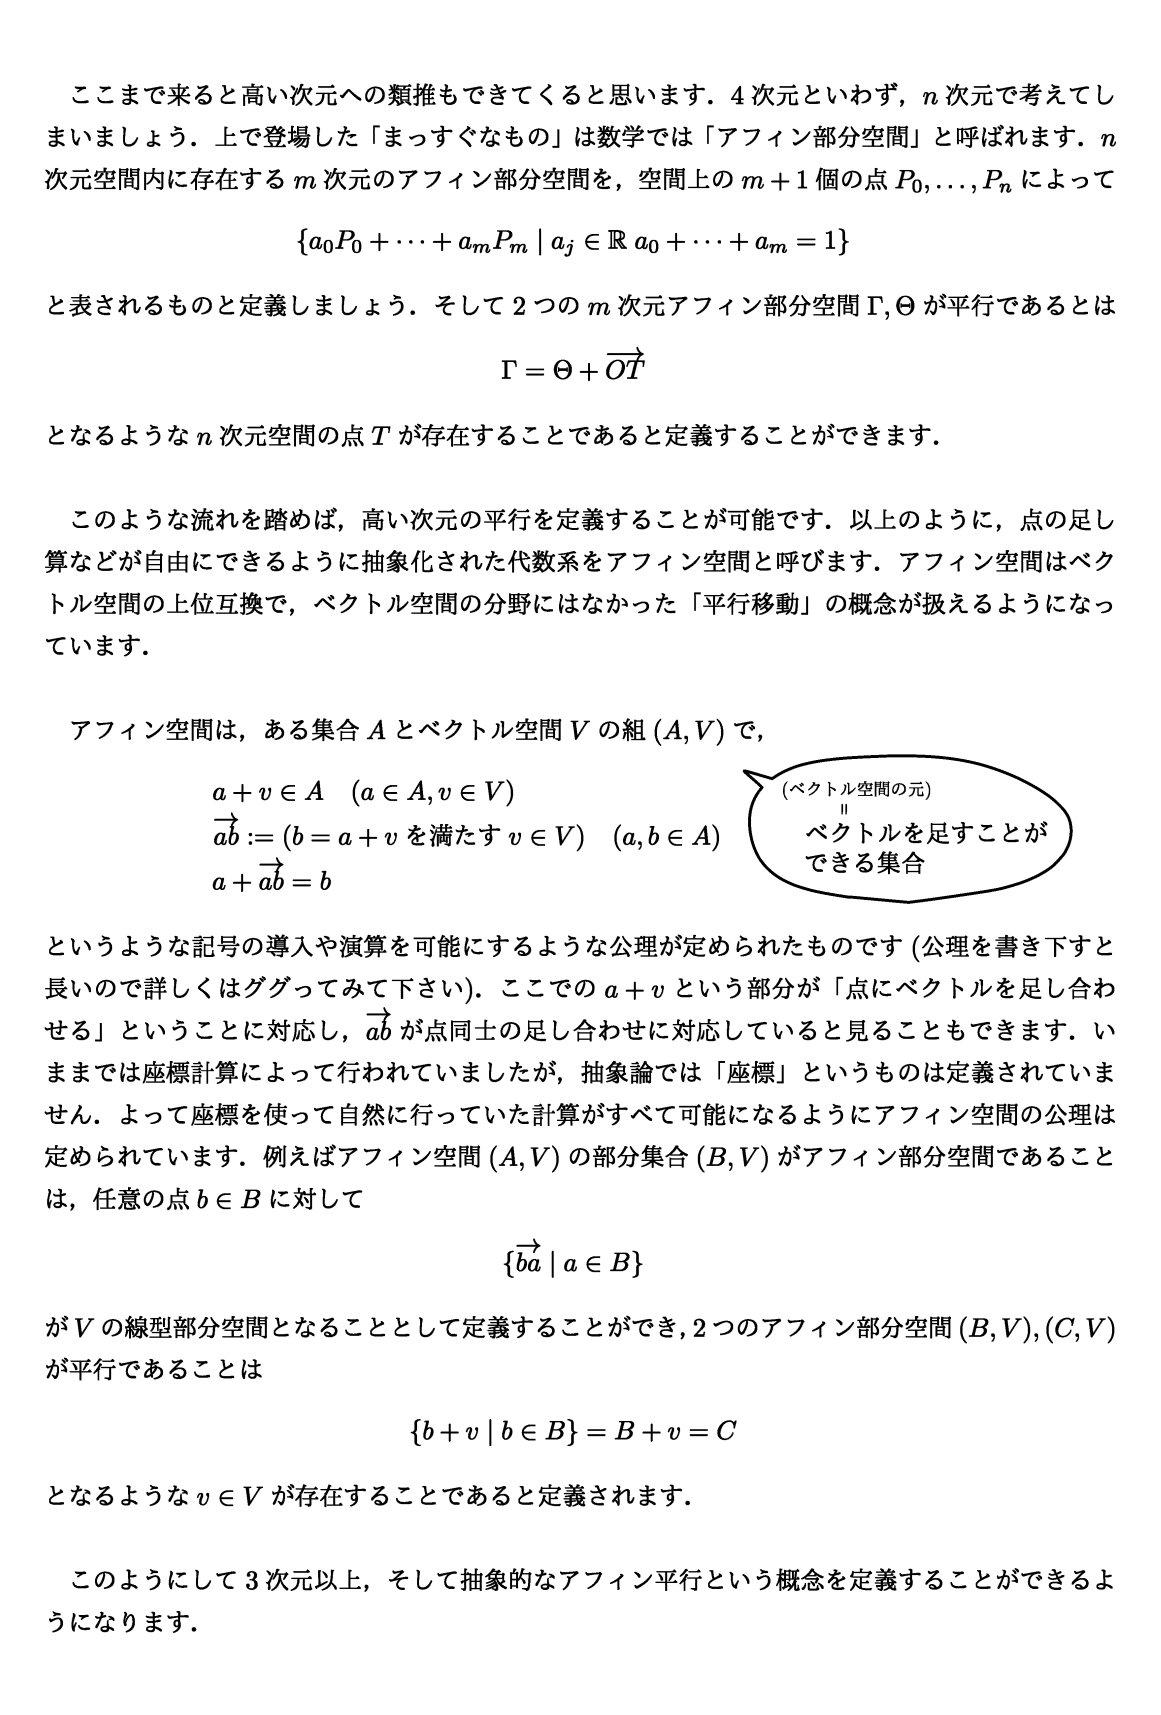 """きいねく on Twitter: """"質問箱 Q..."""